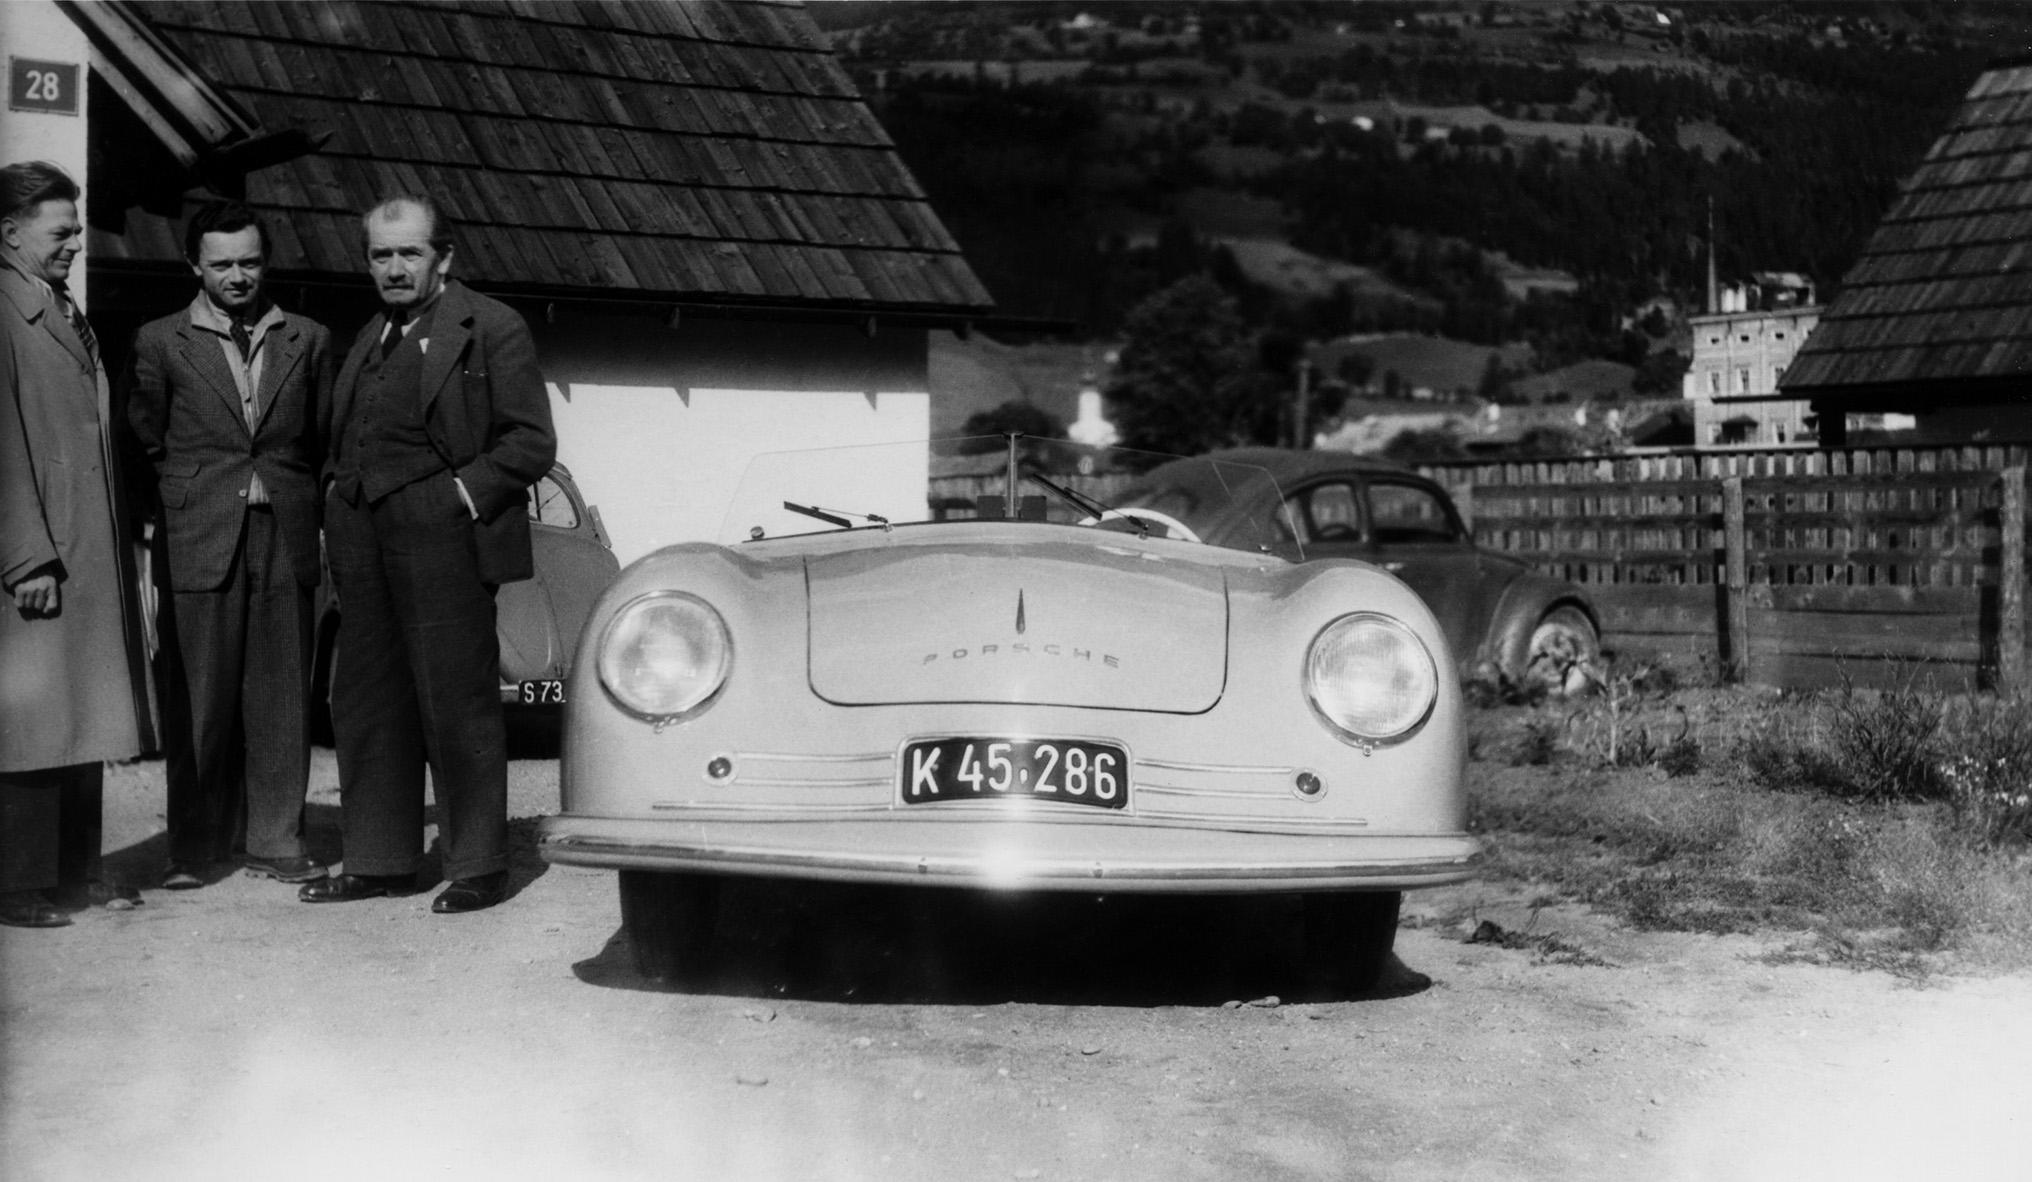 PorscheNumero1-Ferdinand-e-Ferry-Porsche-8-giugno-1948